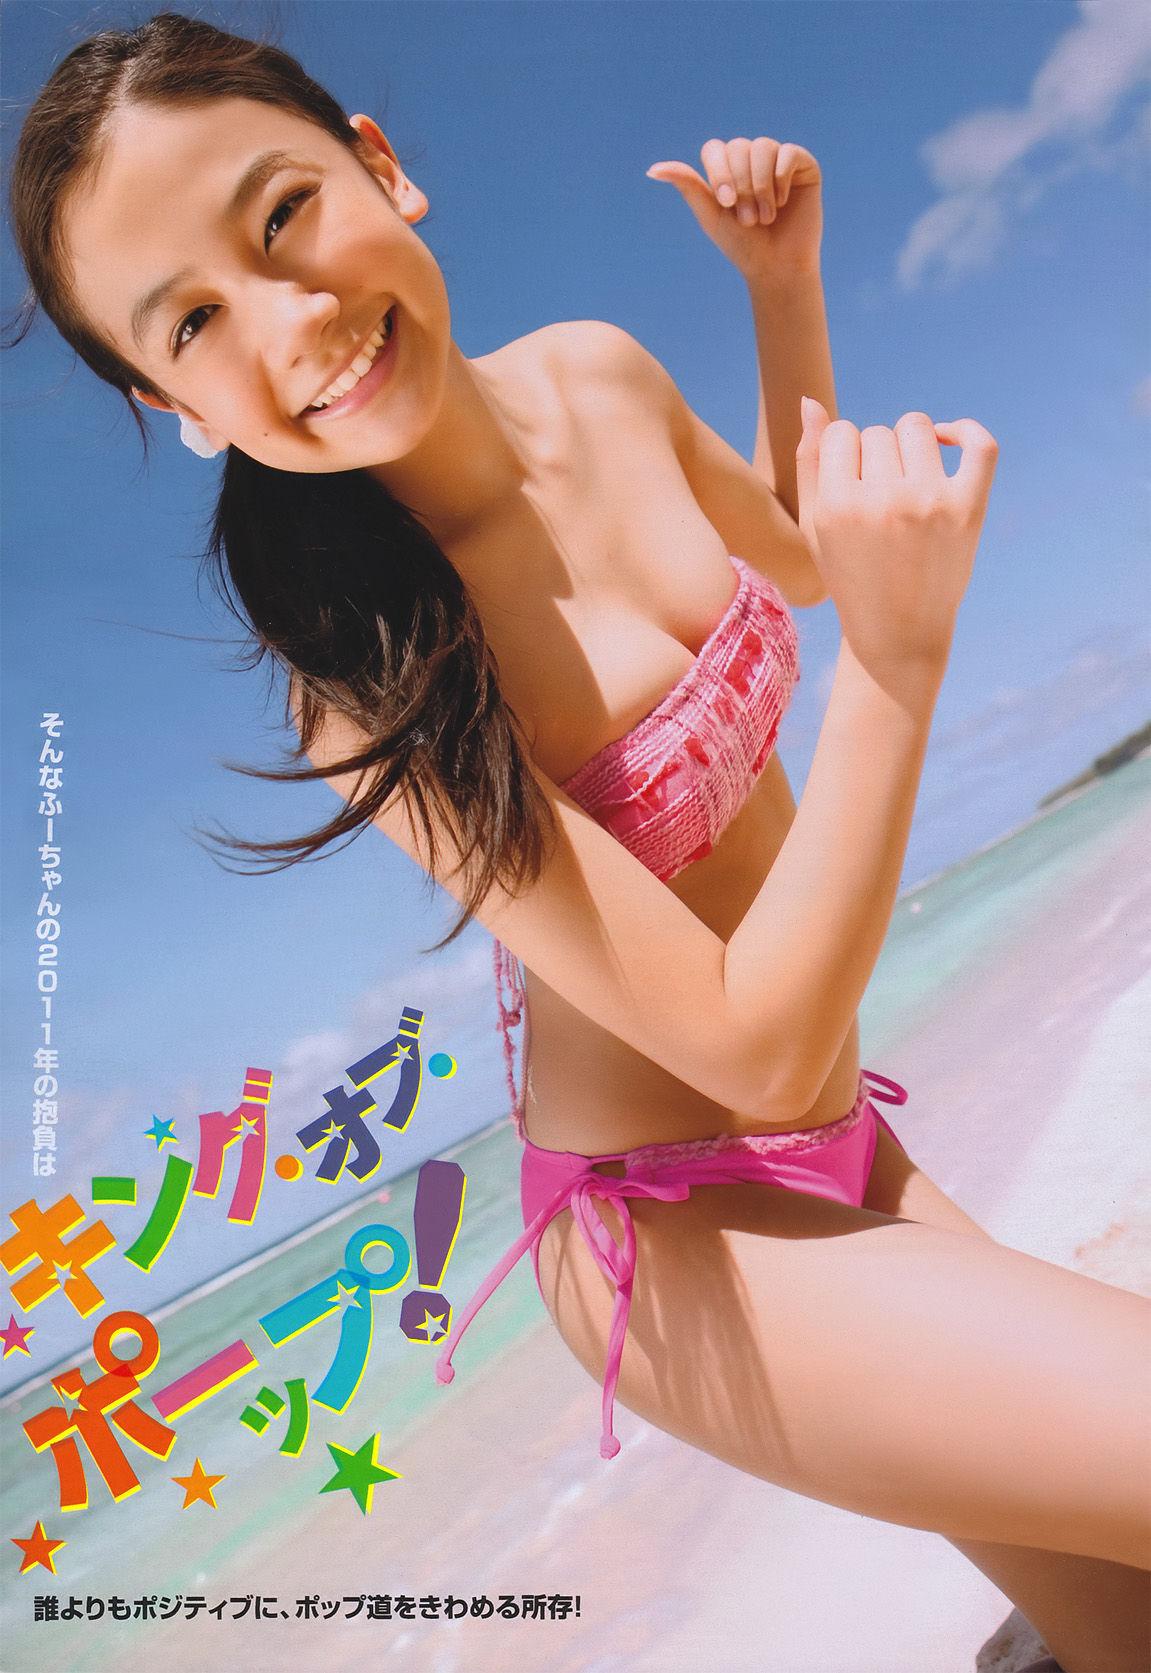 清水富美加 ミズ着グラビアえろ写真46枚☆芦田愛菜っぽくて小さい乳少女好きにはウケそうだよなwwwwww